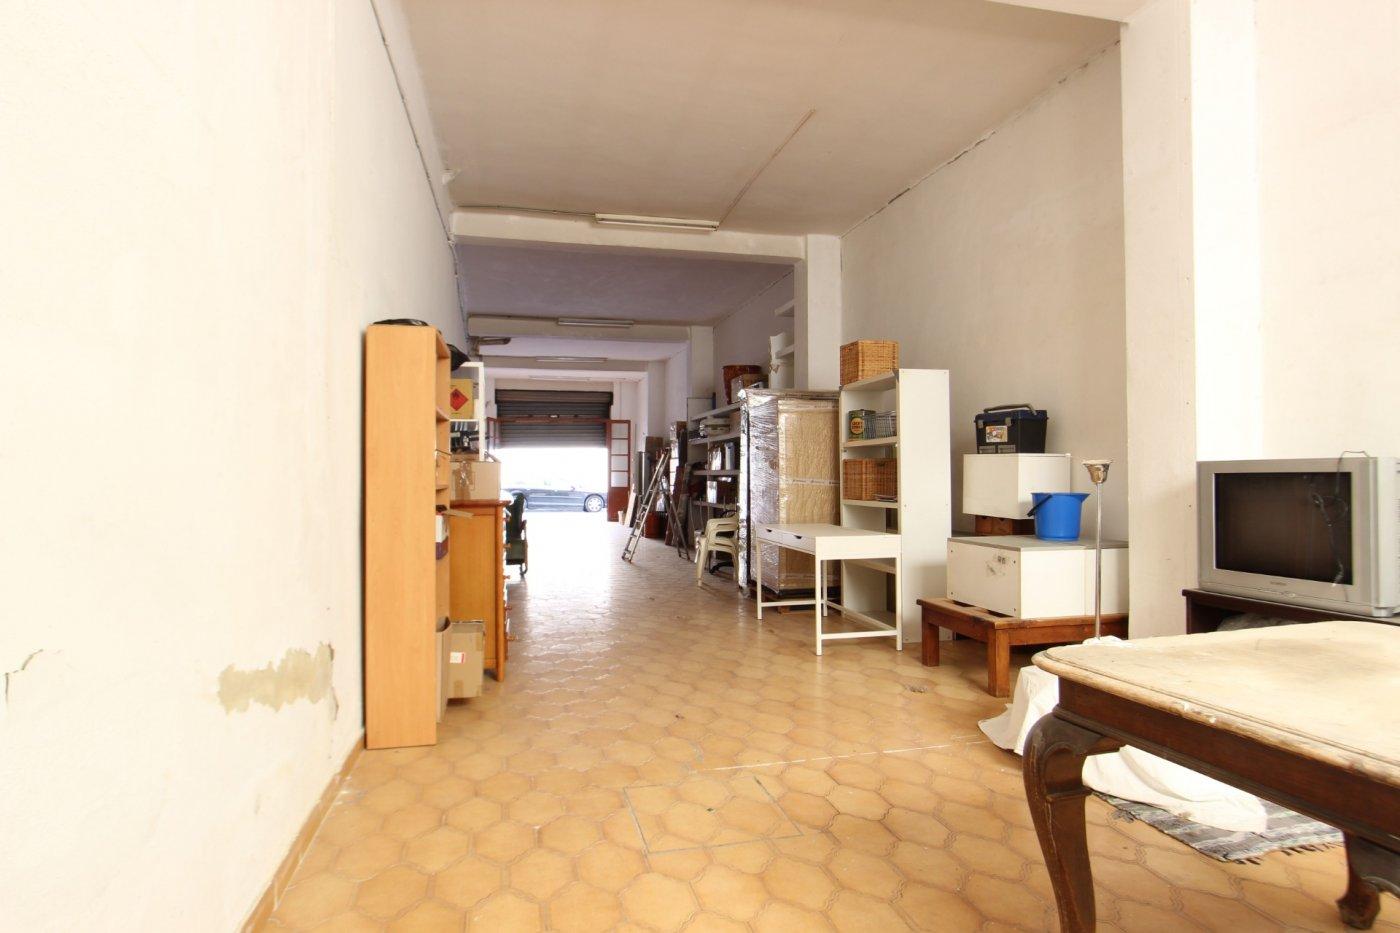 Local con patio de 35 m2 ideal para poder disfrutar de tu tiempo libre...!